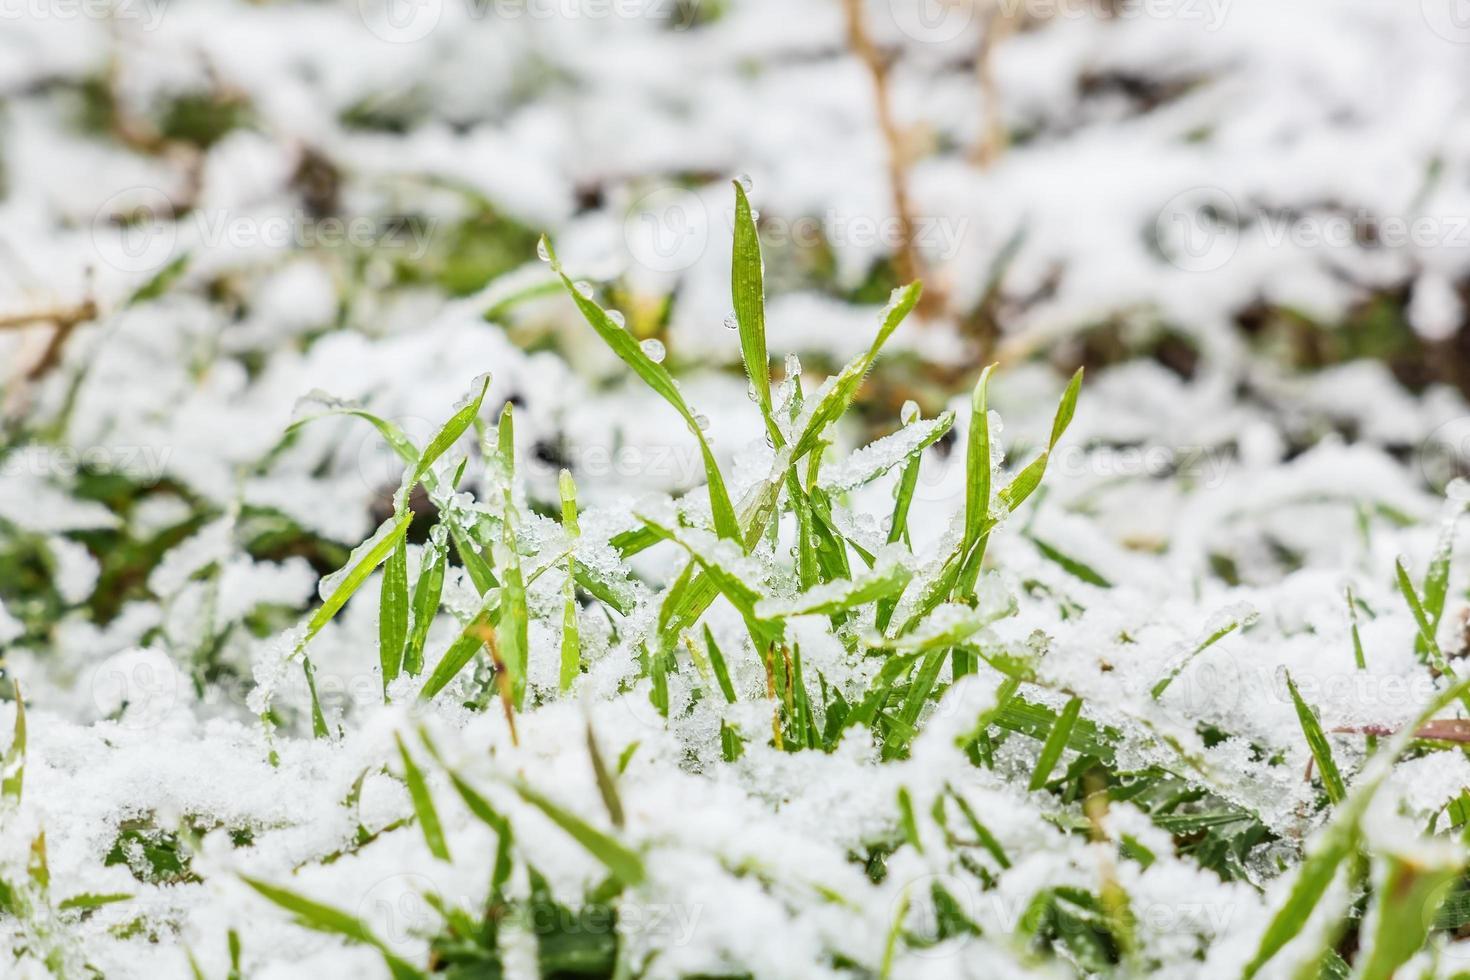 neve bagnata sull'erba verde in inverno foto